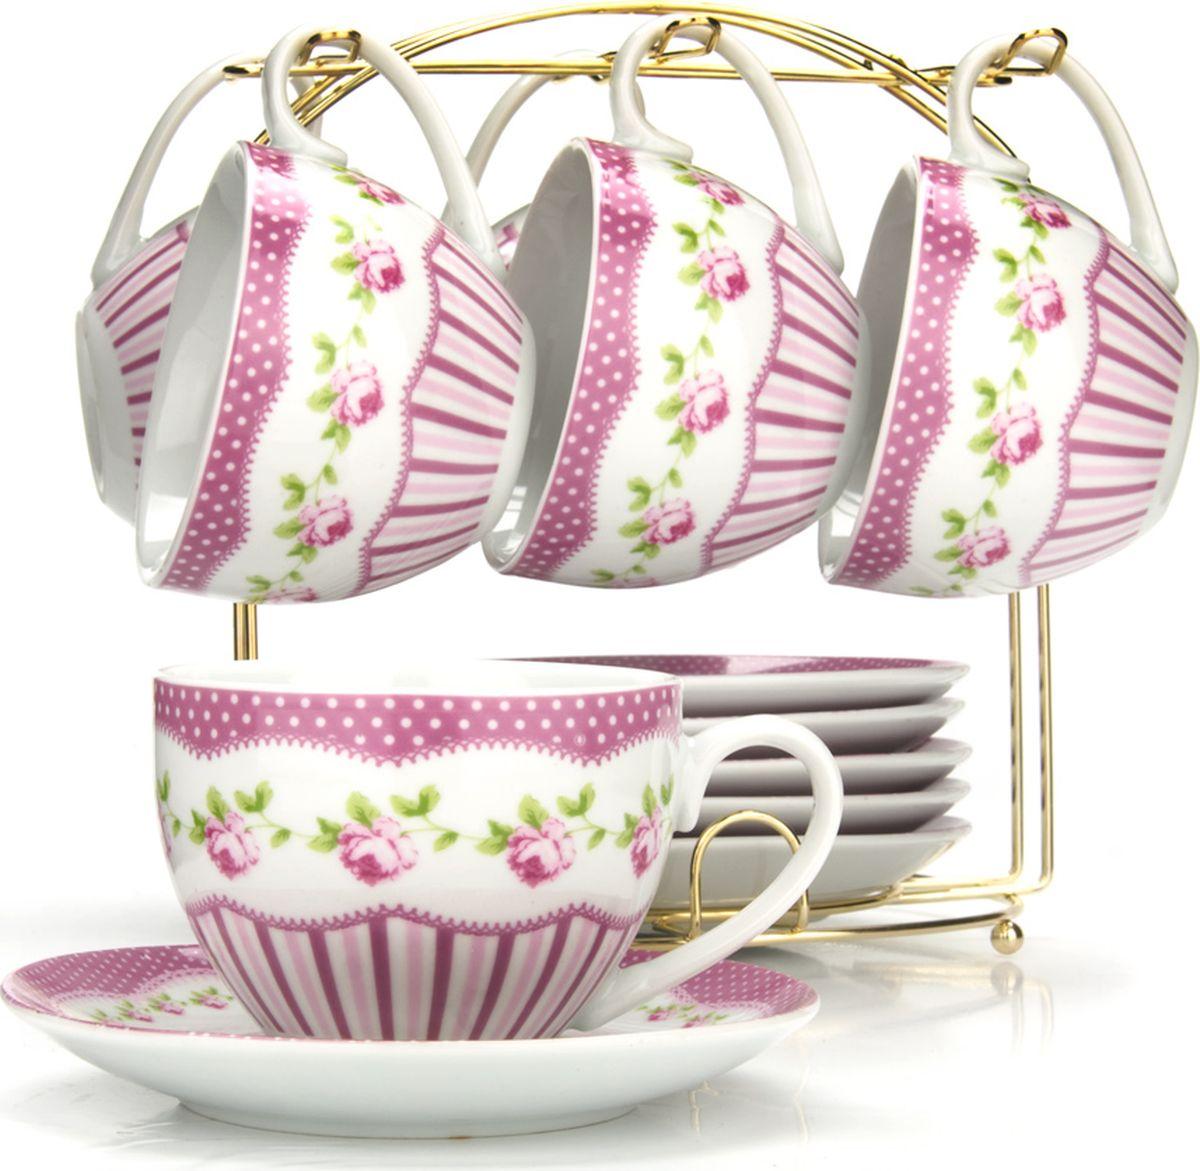 Сервиз чайный Loraine, на подставке, 13 предметов. 43298115510Чайный набор состоит из шести чашек, шести блюдец и металлической подставки золотого цвета. Предметы набора изготовлены из качественного фарфора и оформлены красочным цветным рисунком. Чайный набор идеально подойдет для сервировки стола и станет отличным подарком к любому празднику. Все изделия можно компактно хранить на подставке, входящей в набор. Подходит для мытья в посудомоечной машине.Диаметр чашки: 9 см.Высота чашки: 7 см.Объем чашки: 220 мл.Диаметр блюдца: 14 см.